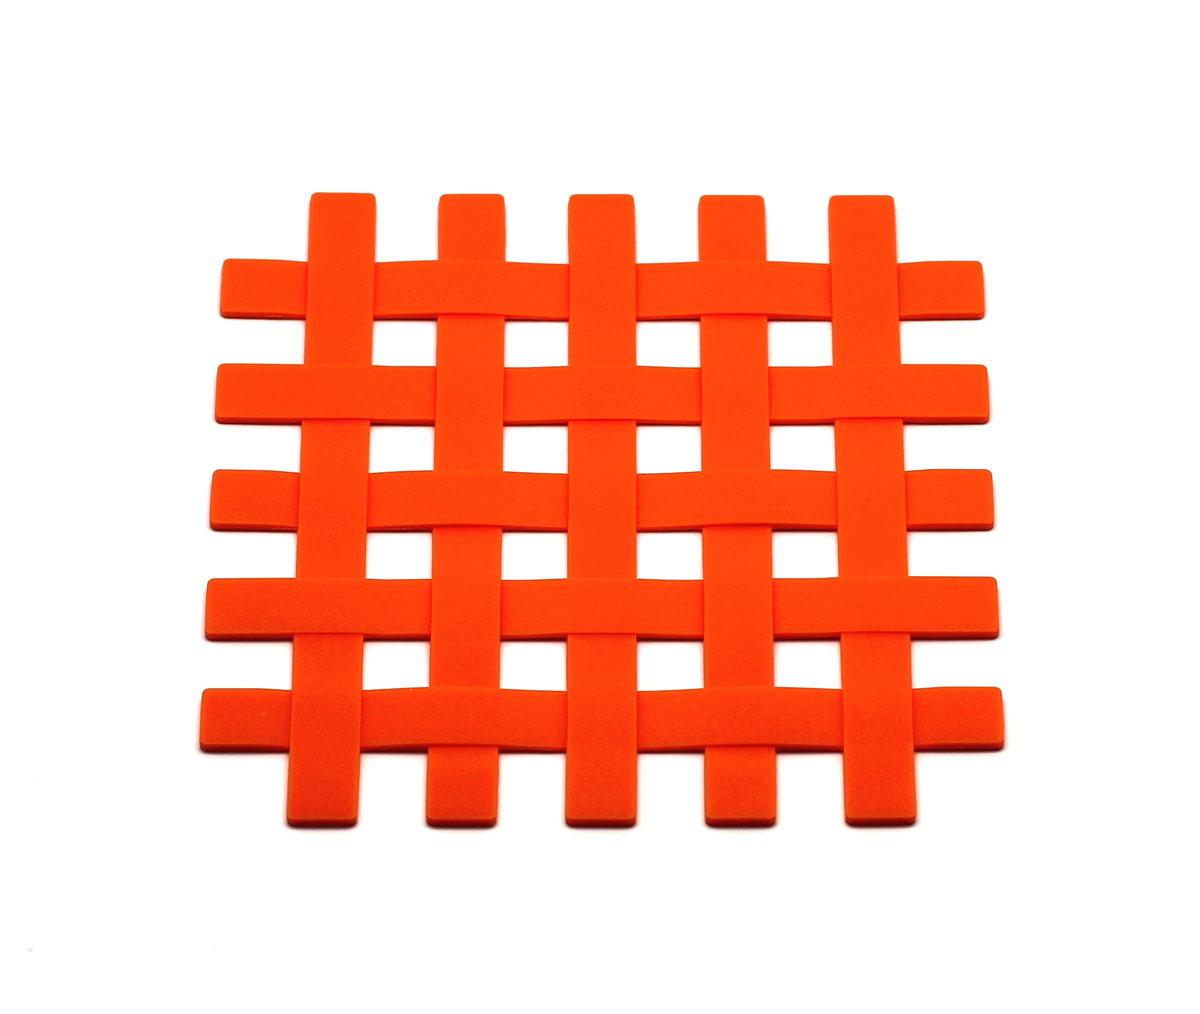 Подставка под горячее Atlantis Решетка, цвет: оранжевый, 17,5 см х 17,5 смSC-MT-012-OПодставка под горячее Atlantis Решетка изготовлена из высококачественного пищевого силикона. Выдерживает температуру до +230°С, не впитывает запахи и предохраняет поверхность вашего стола от высоких температур. Оригинальный дизайн внесет свежесть и новизну в интерьер вашей кухни. Подставка под горячее станет незаменимым помощником на кухне. Легко моется в посудомоечной машине.